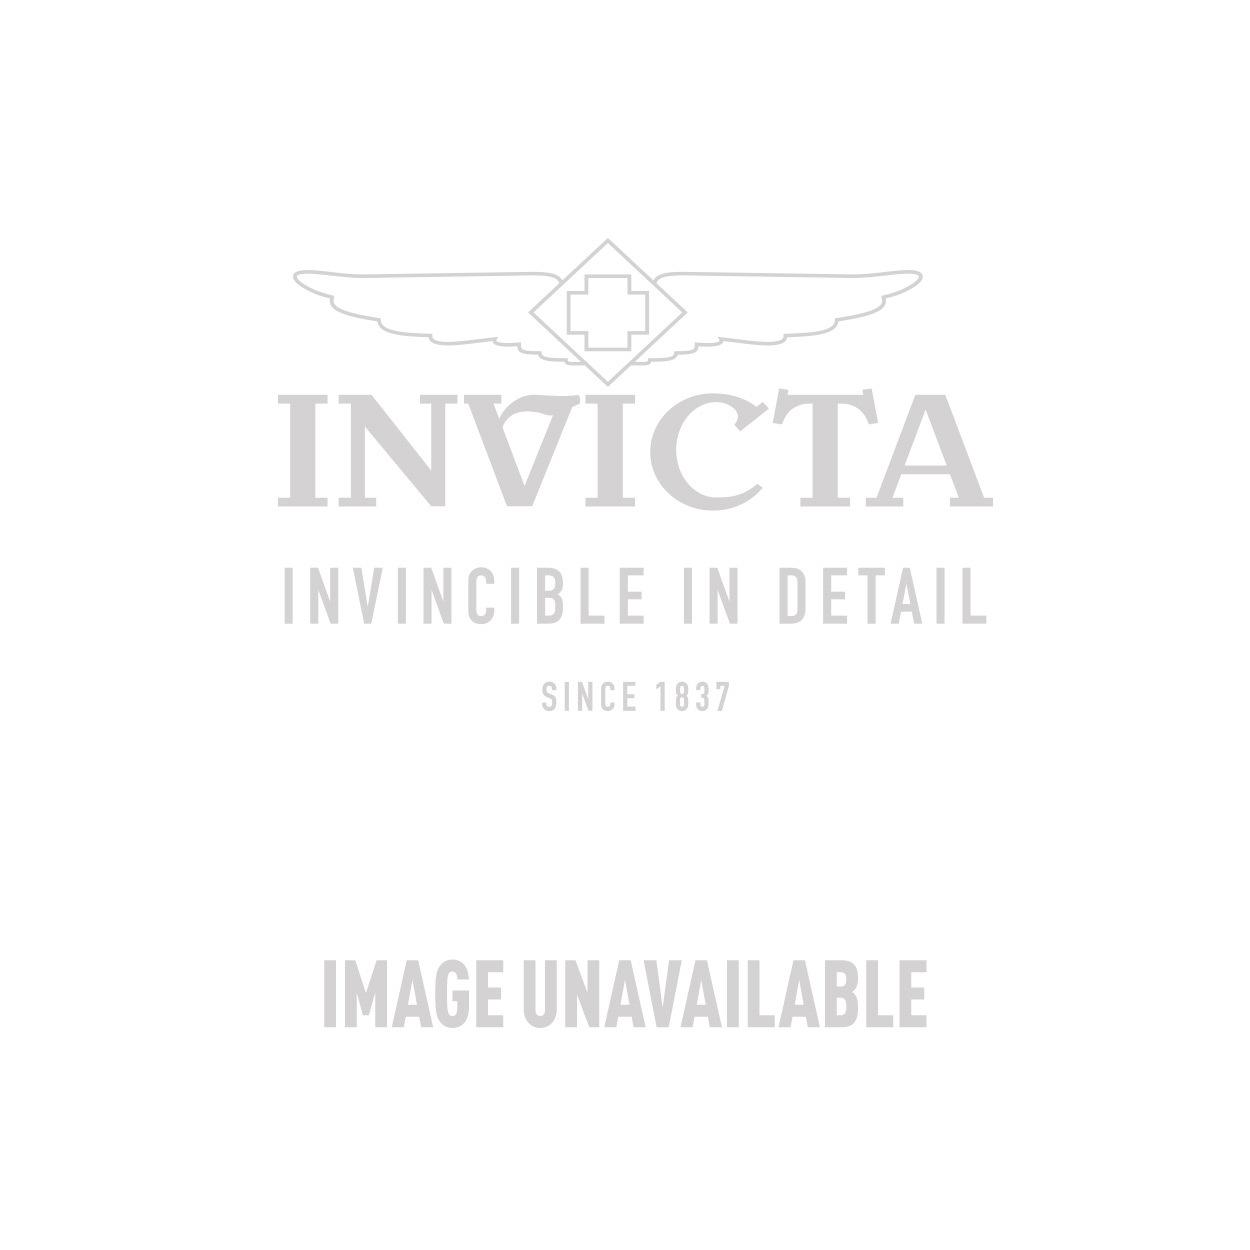 Invicta Model  22192